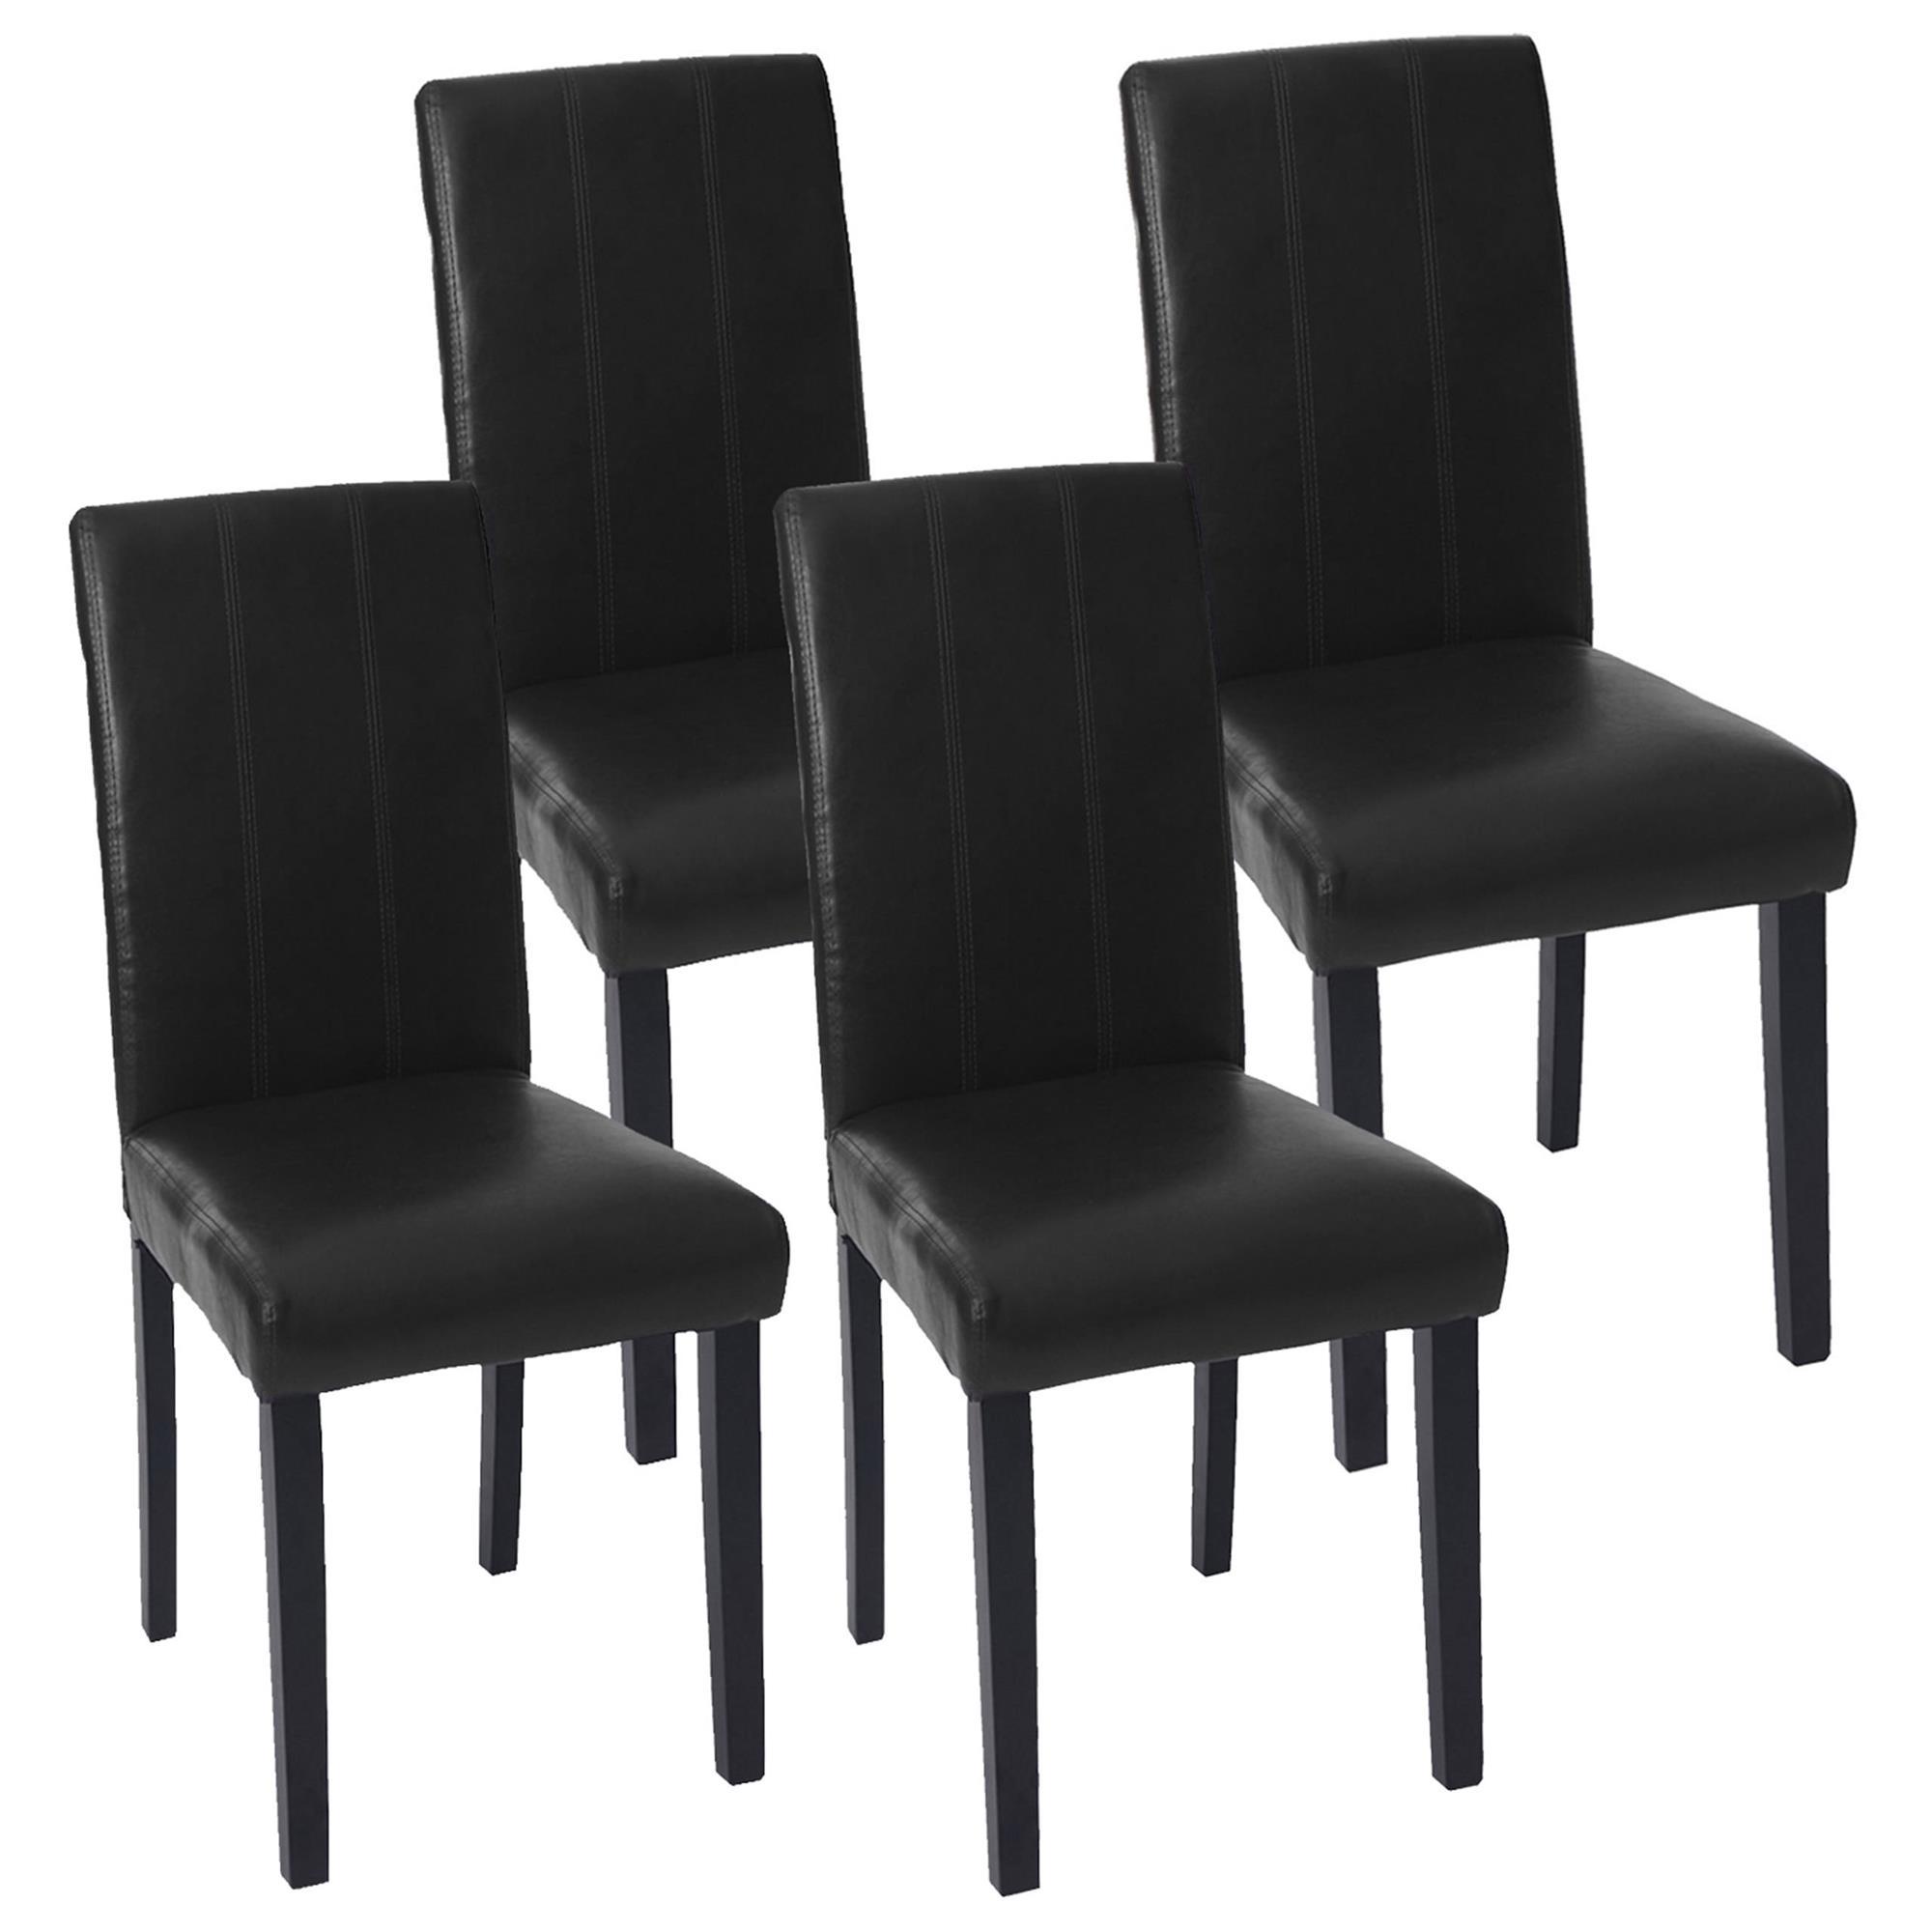 Lote 4 sillas comedor toper en piel negra con costuras for Sillas de comedor elegantes